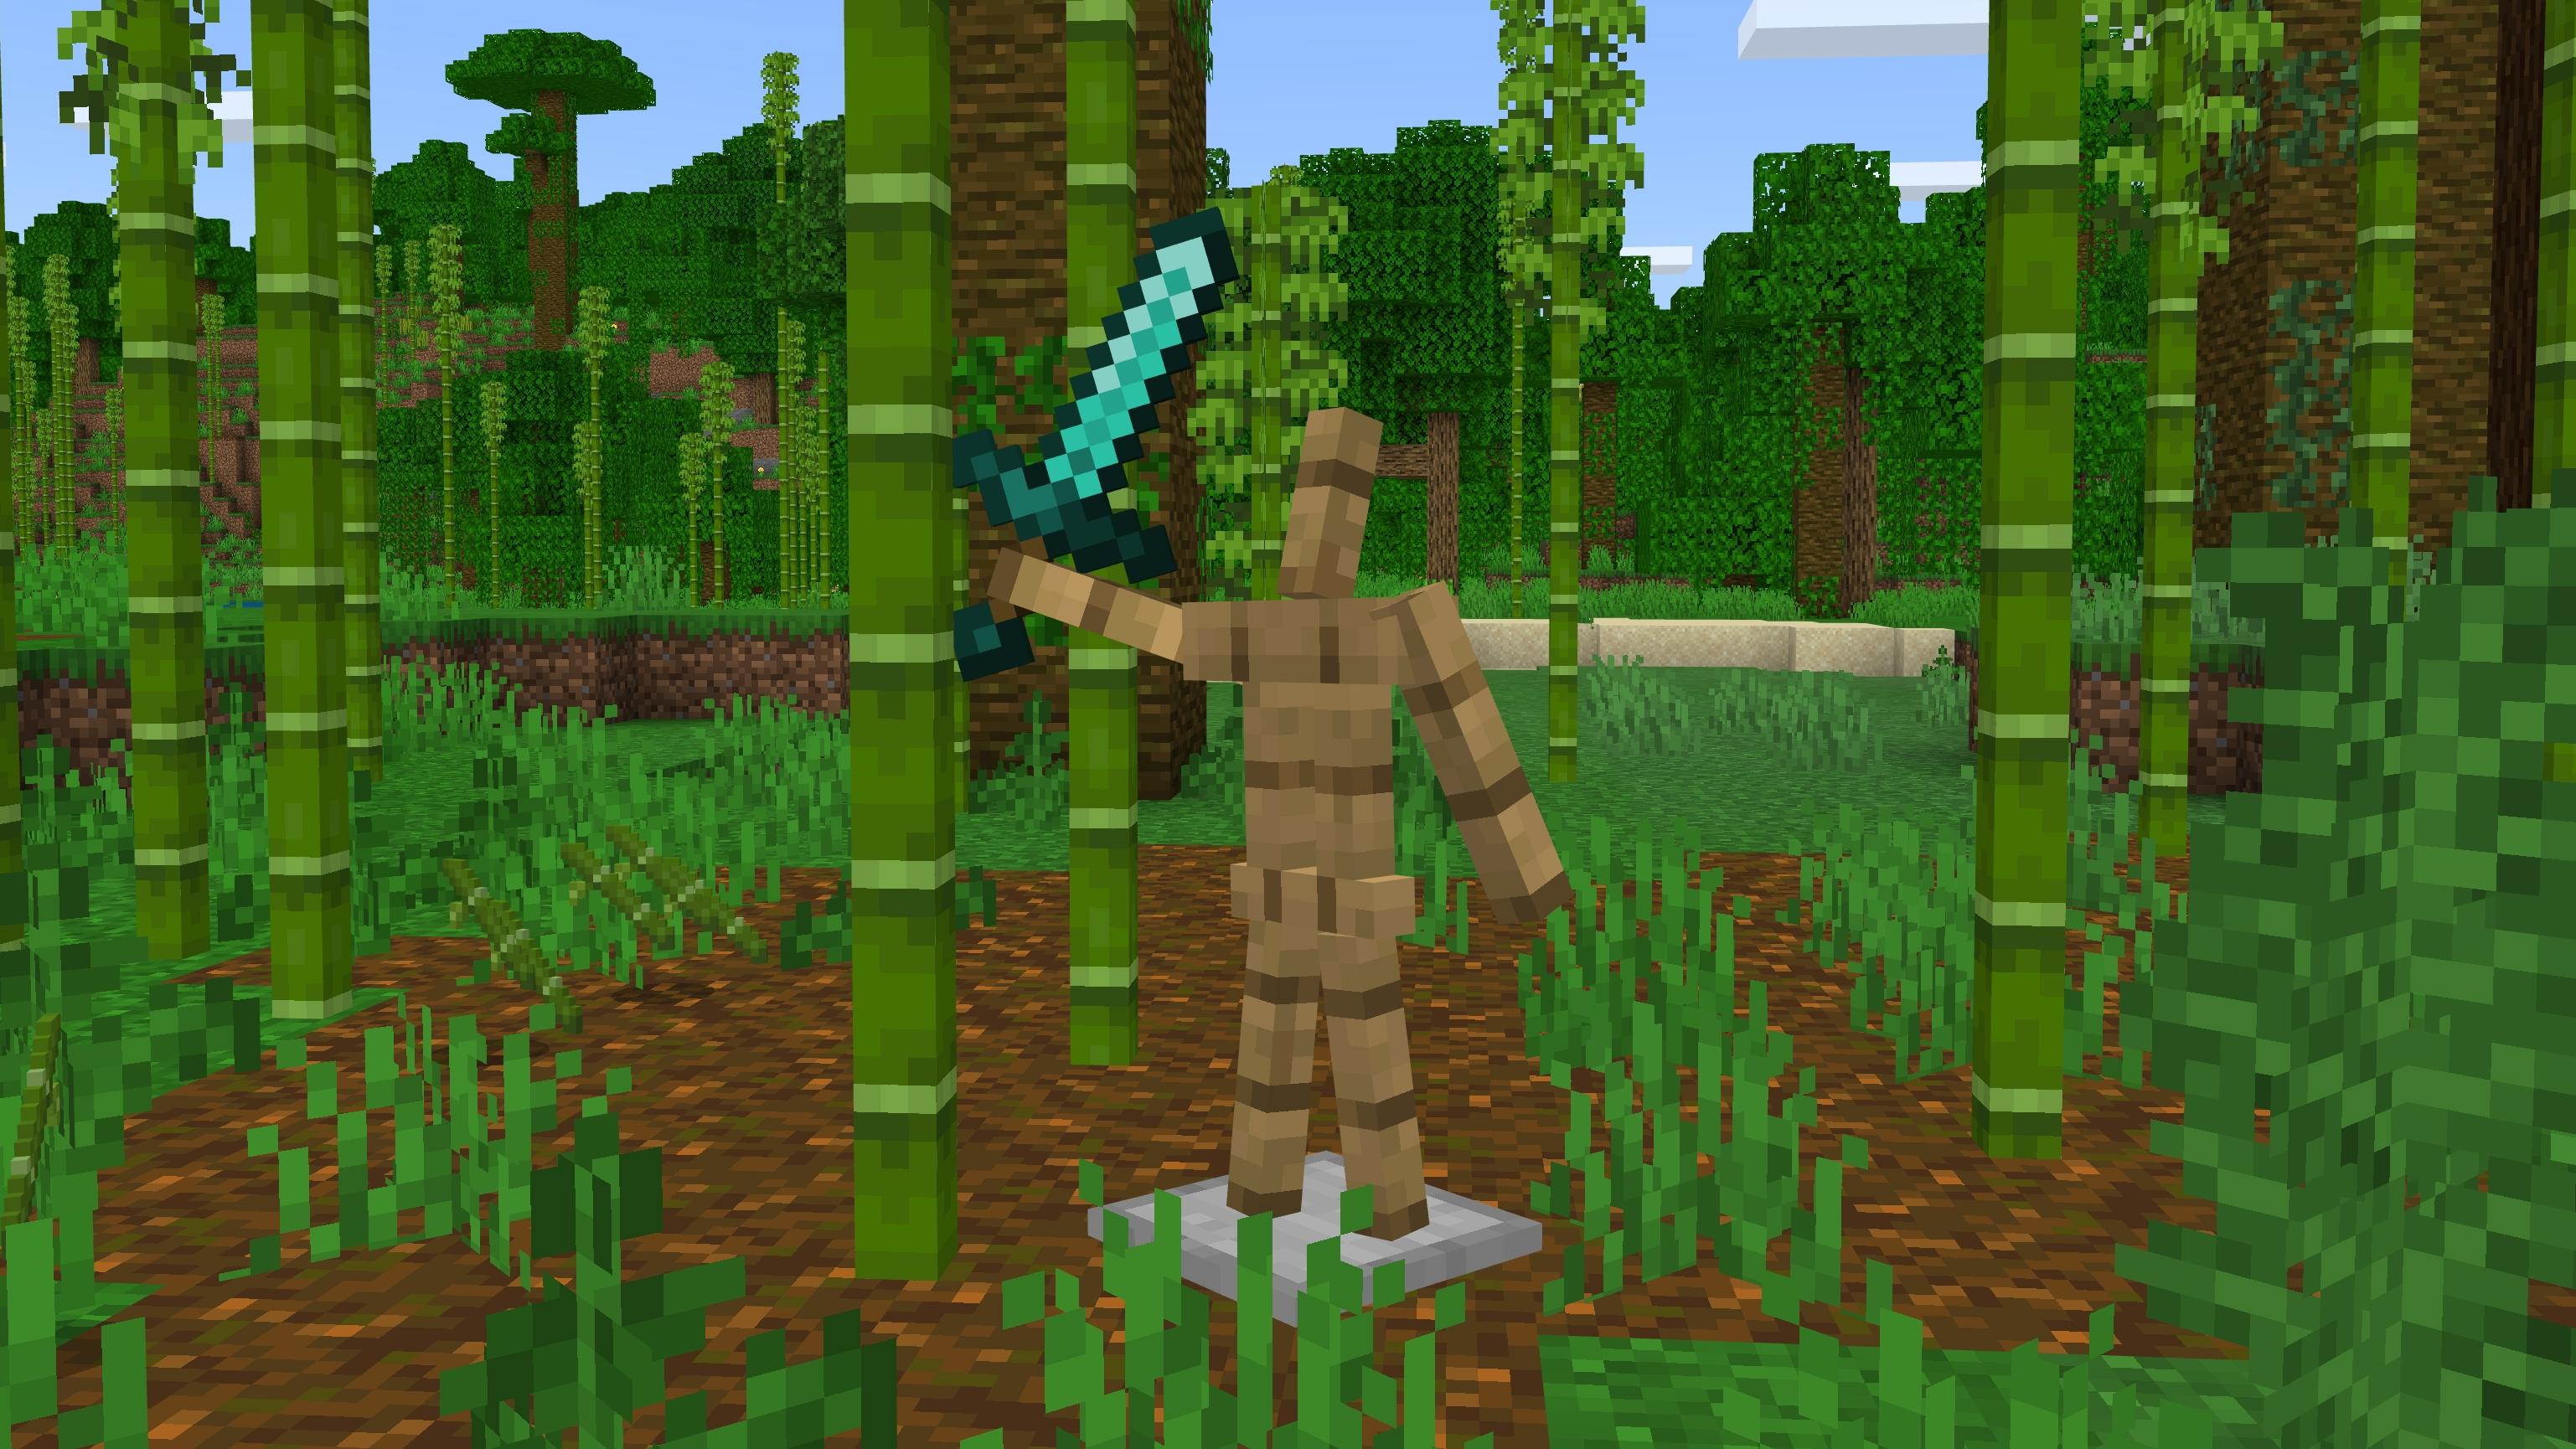 bamboo_sword_16x9.jpg